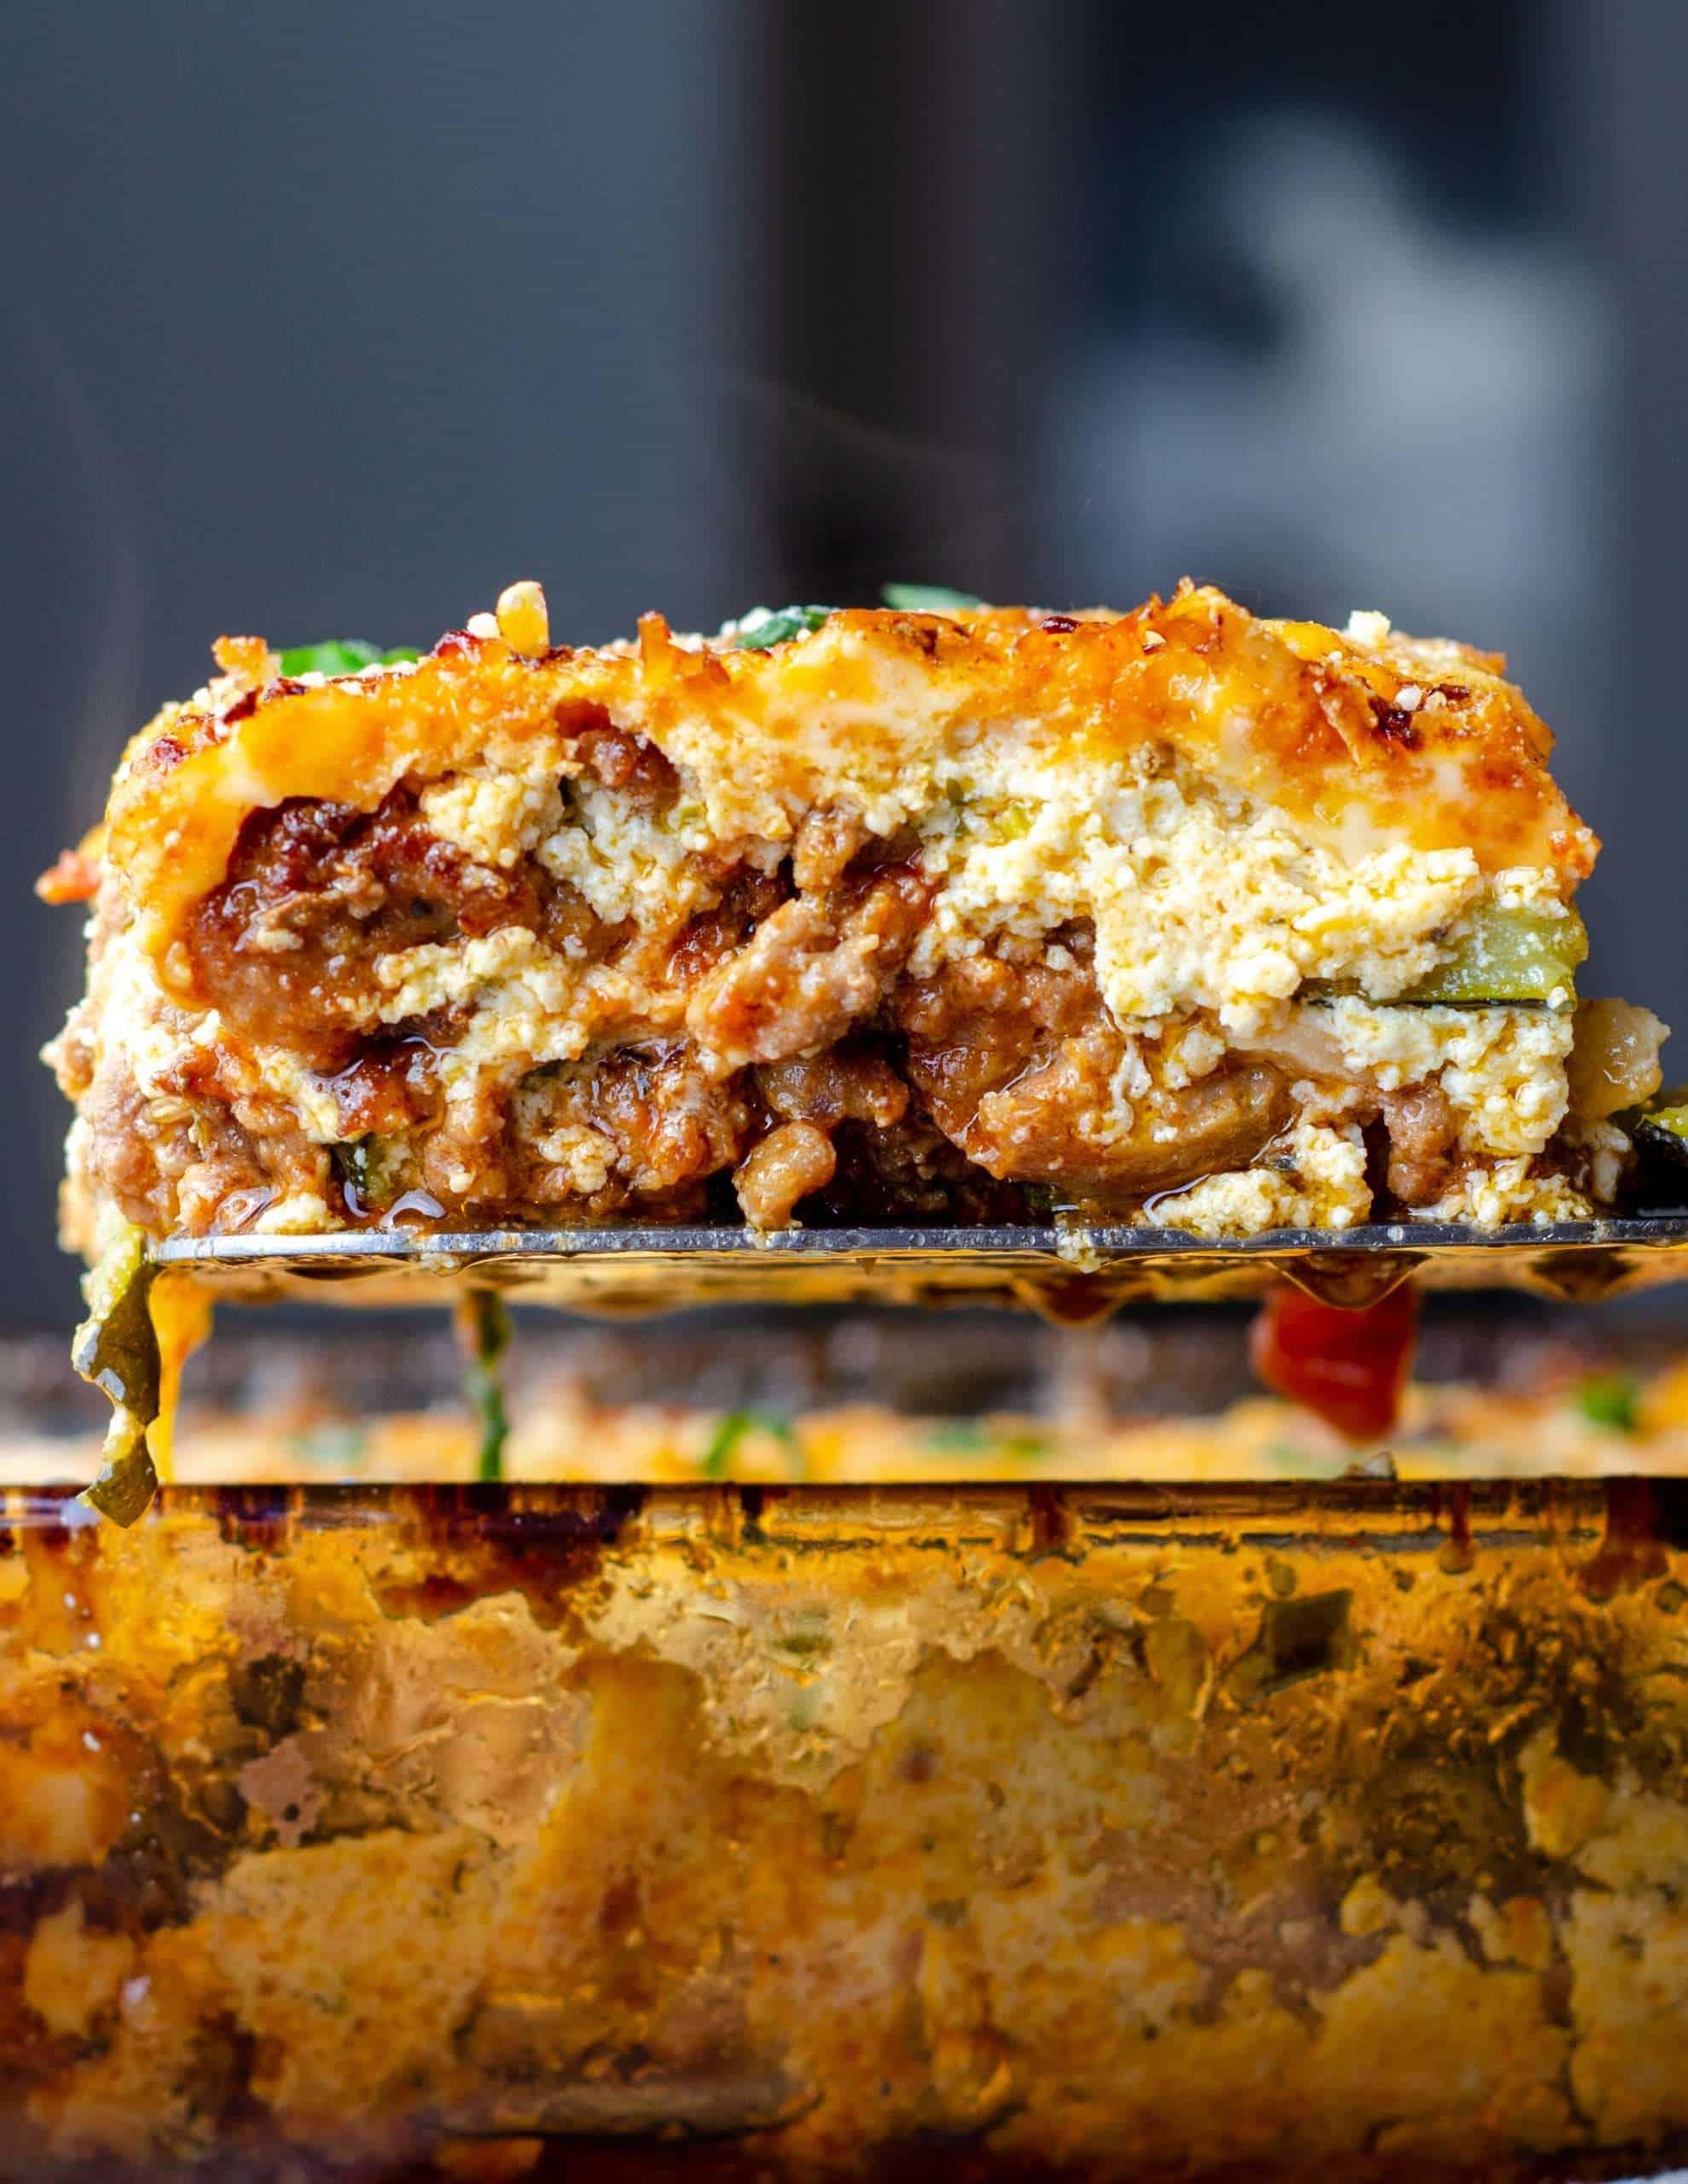 keto zucchini lasagna on a spatula over the pan